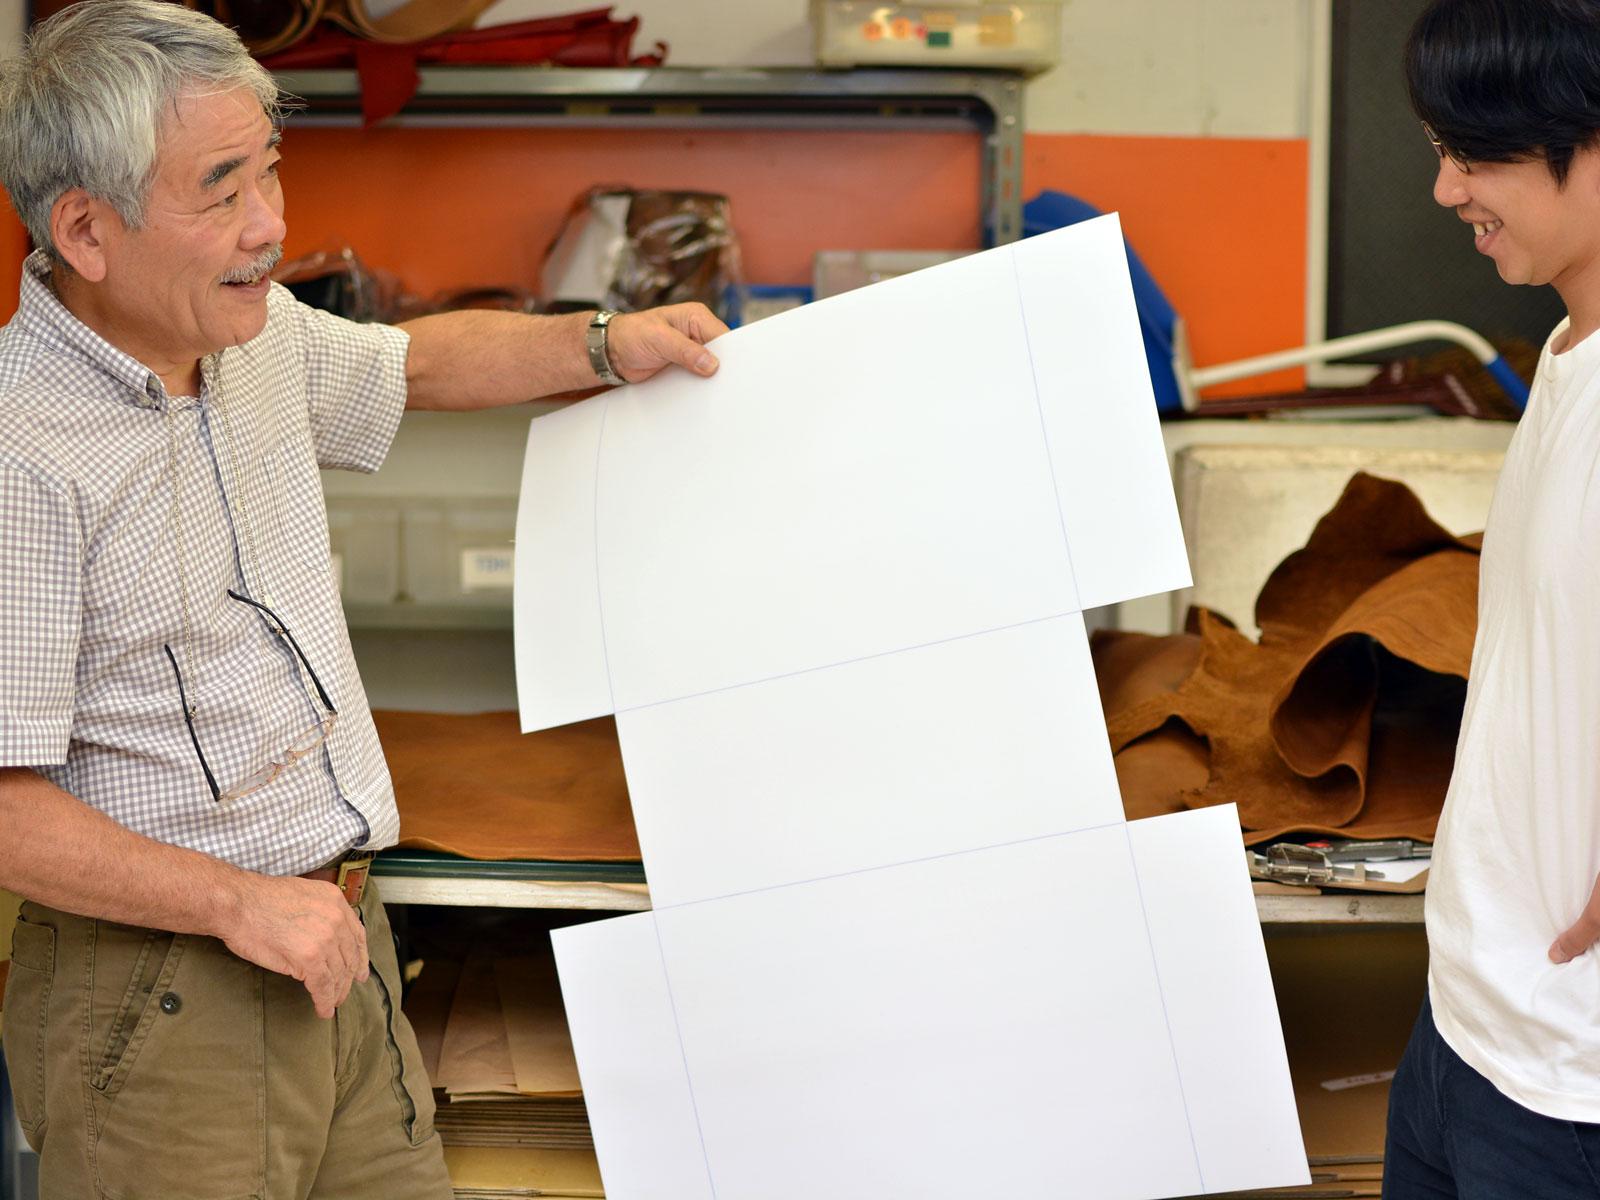 創業者とカバン作ろう ~オンラインショップ:小野寺編 Vol.2~